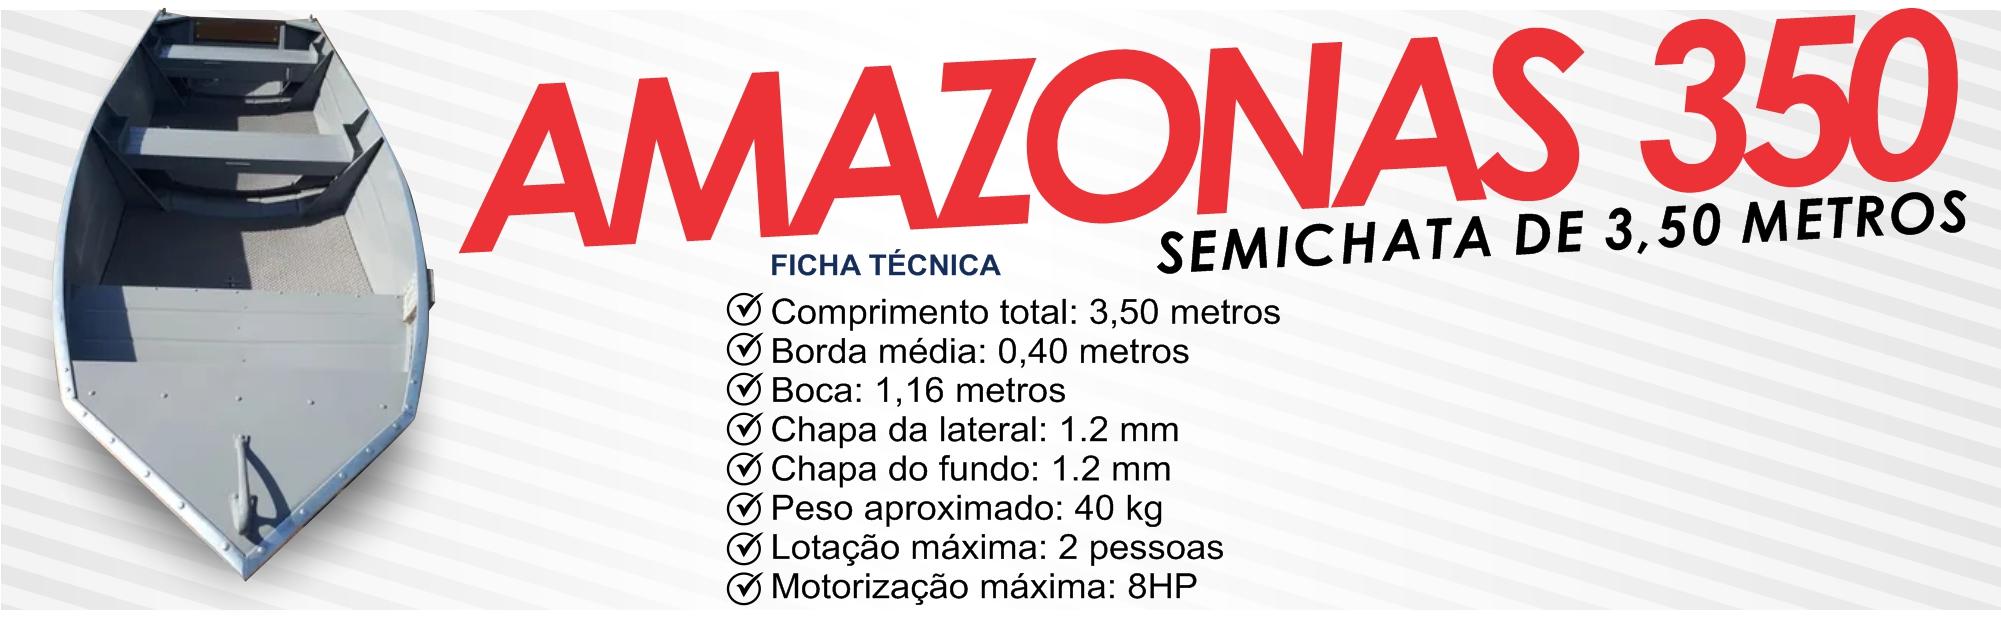 Amazonas 350